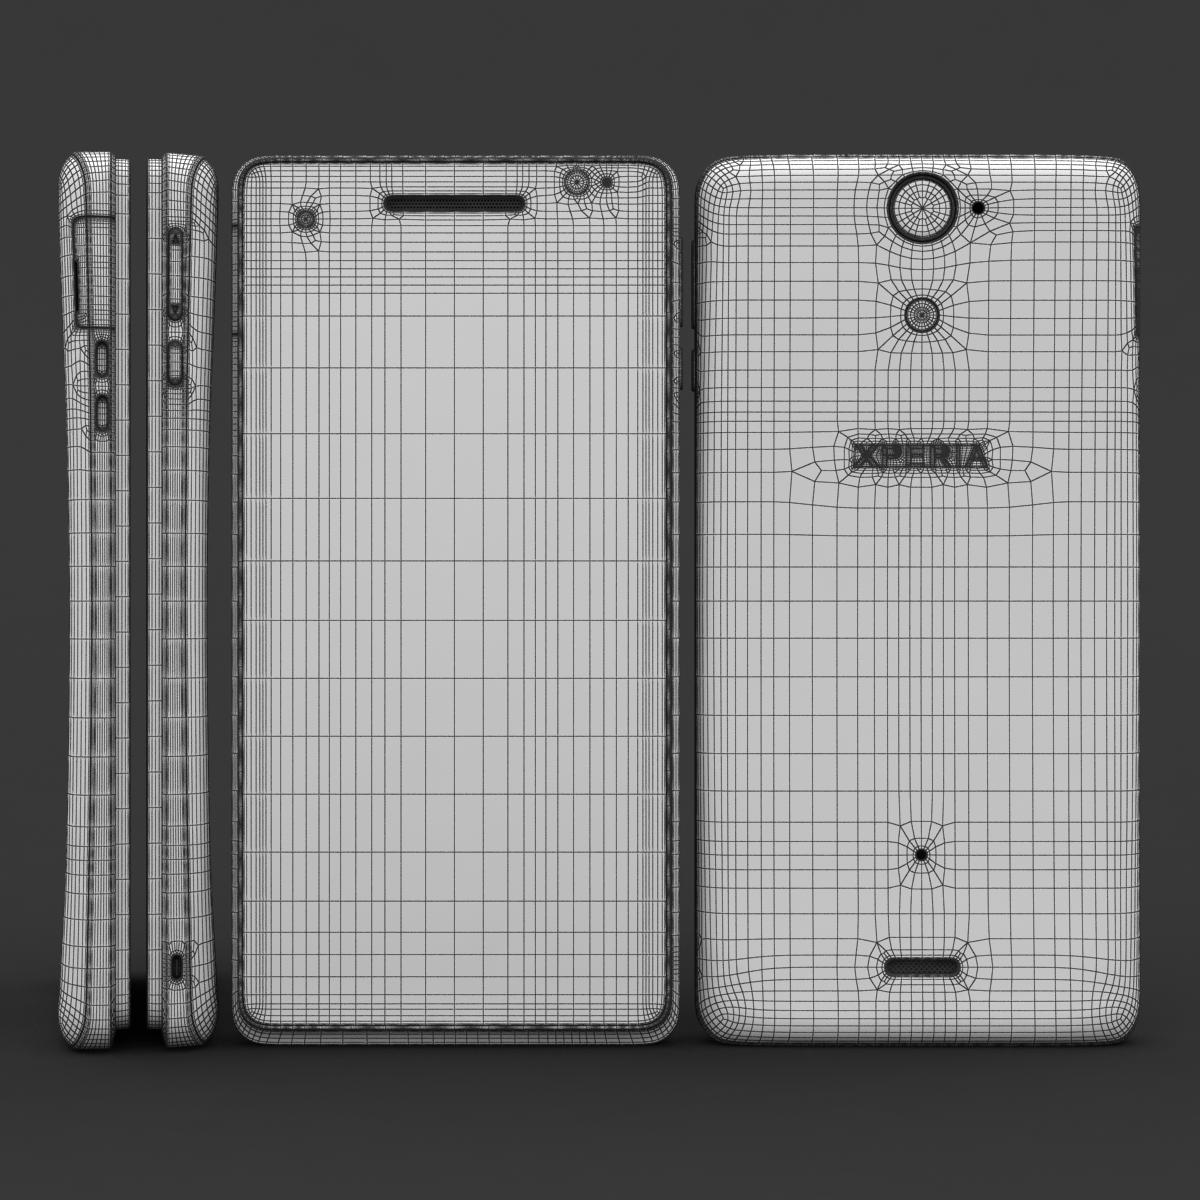 sony xperia v 3d model 3ds max fbx c4d lwo obj 151204